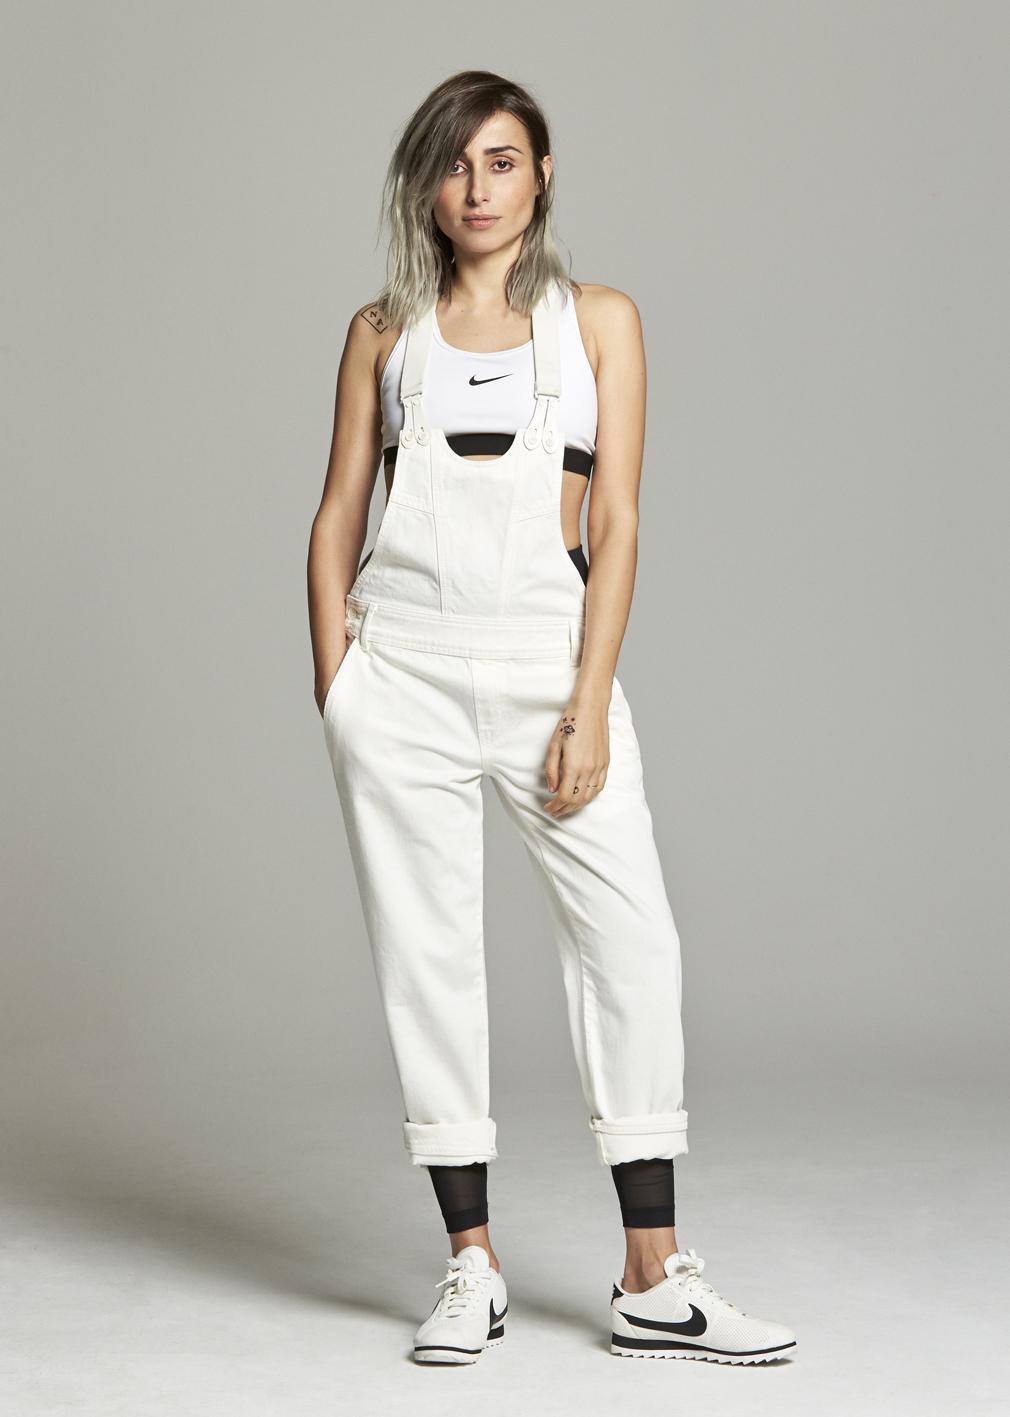 Zahara lleva top, leggings y zapatillas modelo Cortez de NIKE y peto...